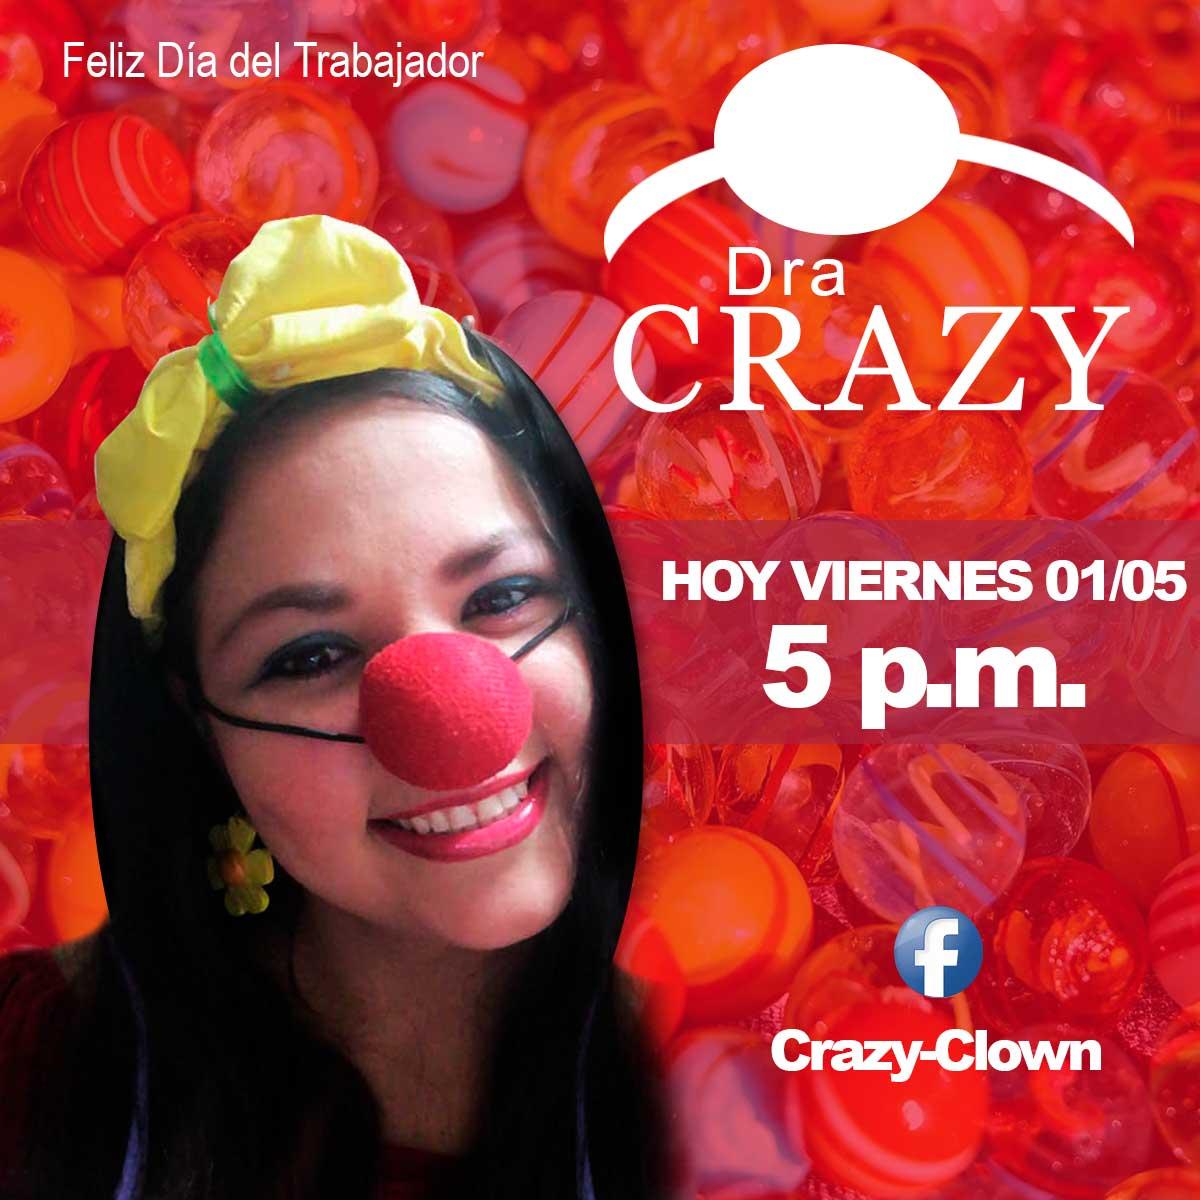 Dra Crazy - Presentación 2